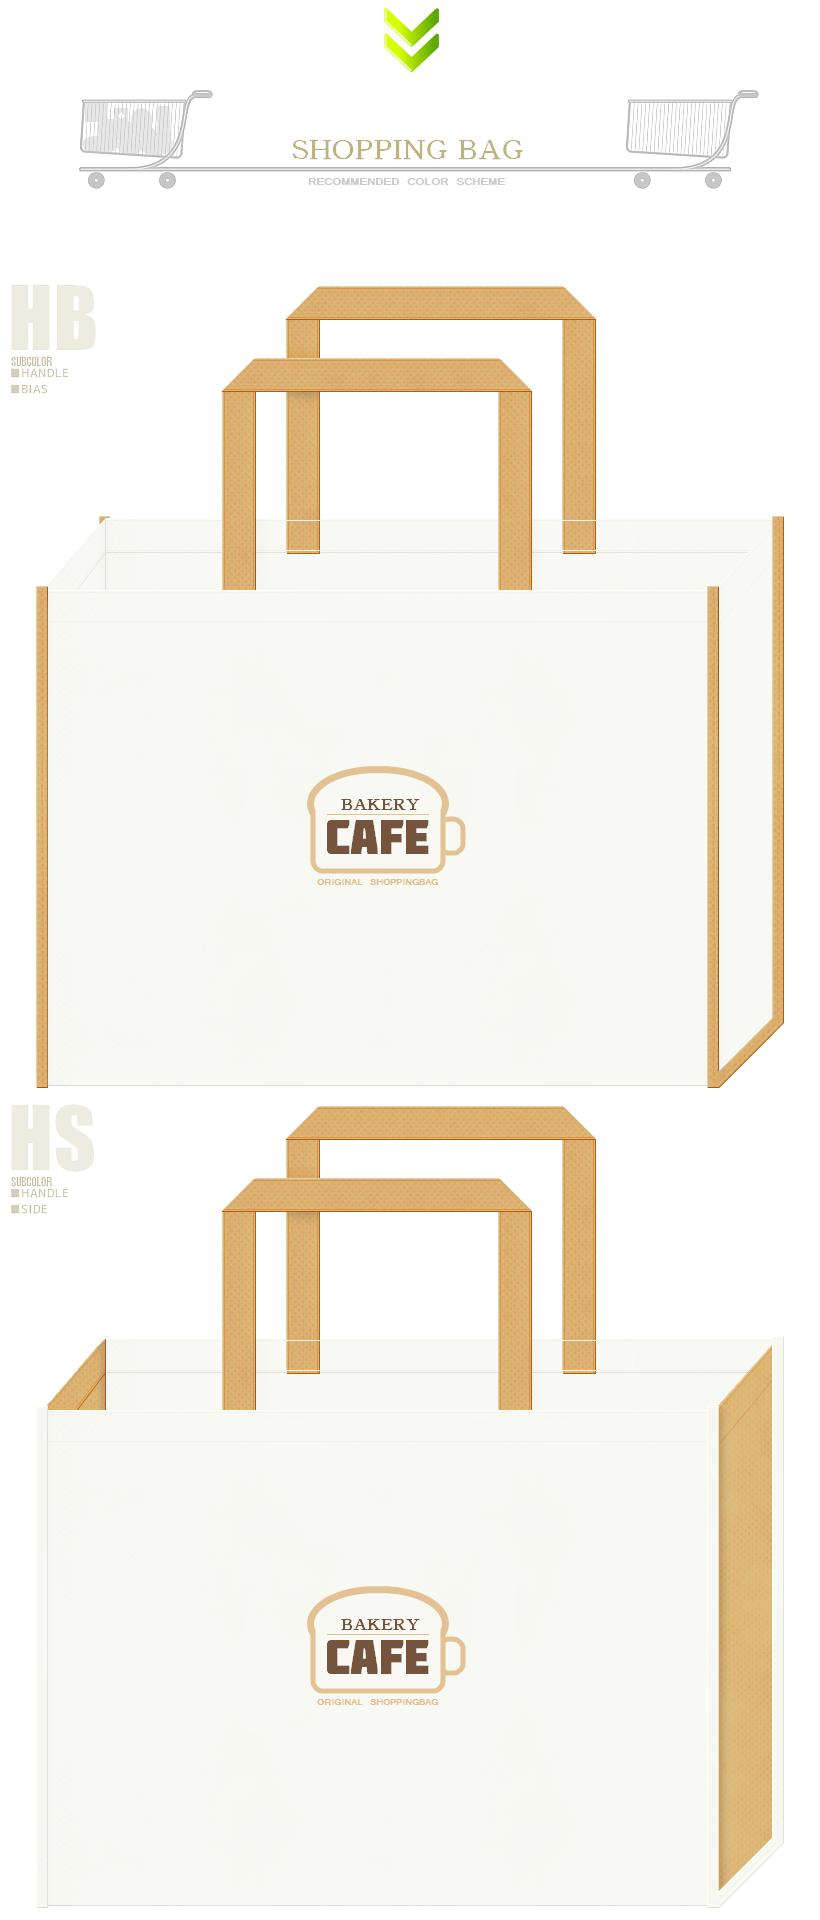 不織布バッグのデザイン:カフェ・ベーカリーのショッピングバッグ